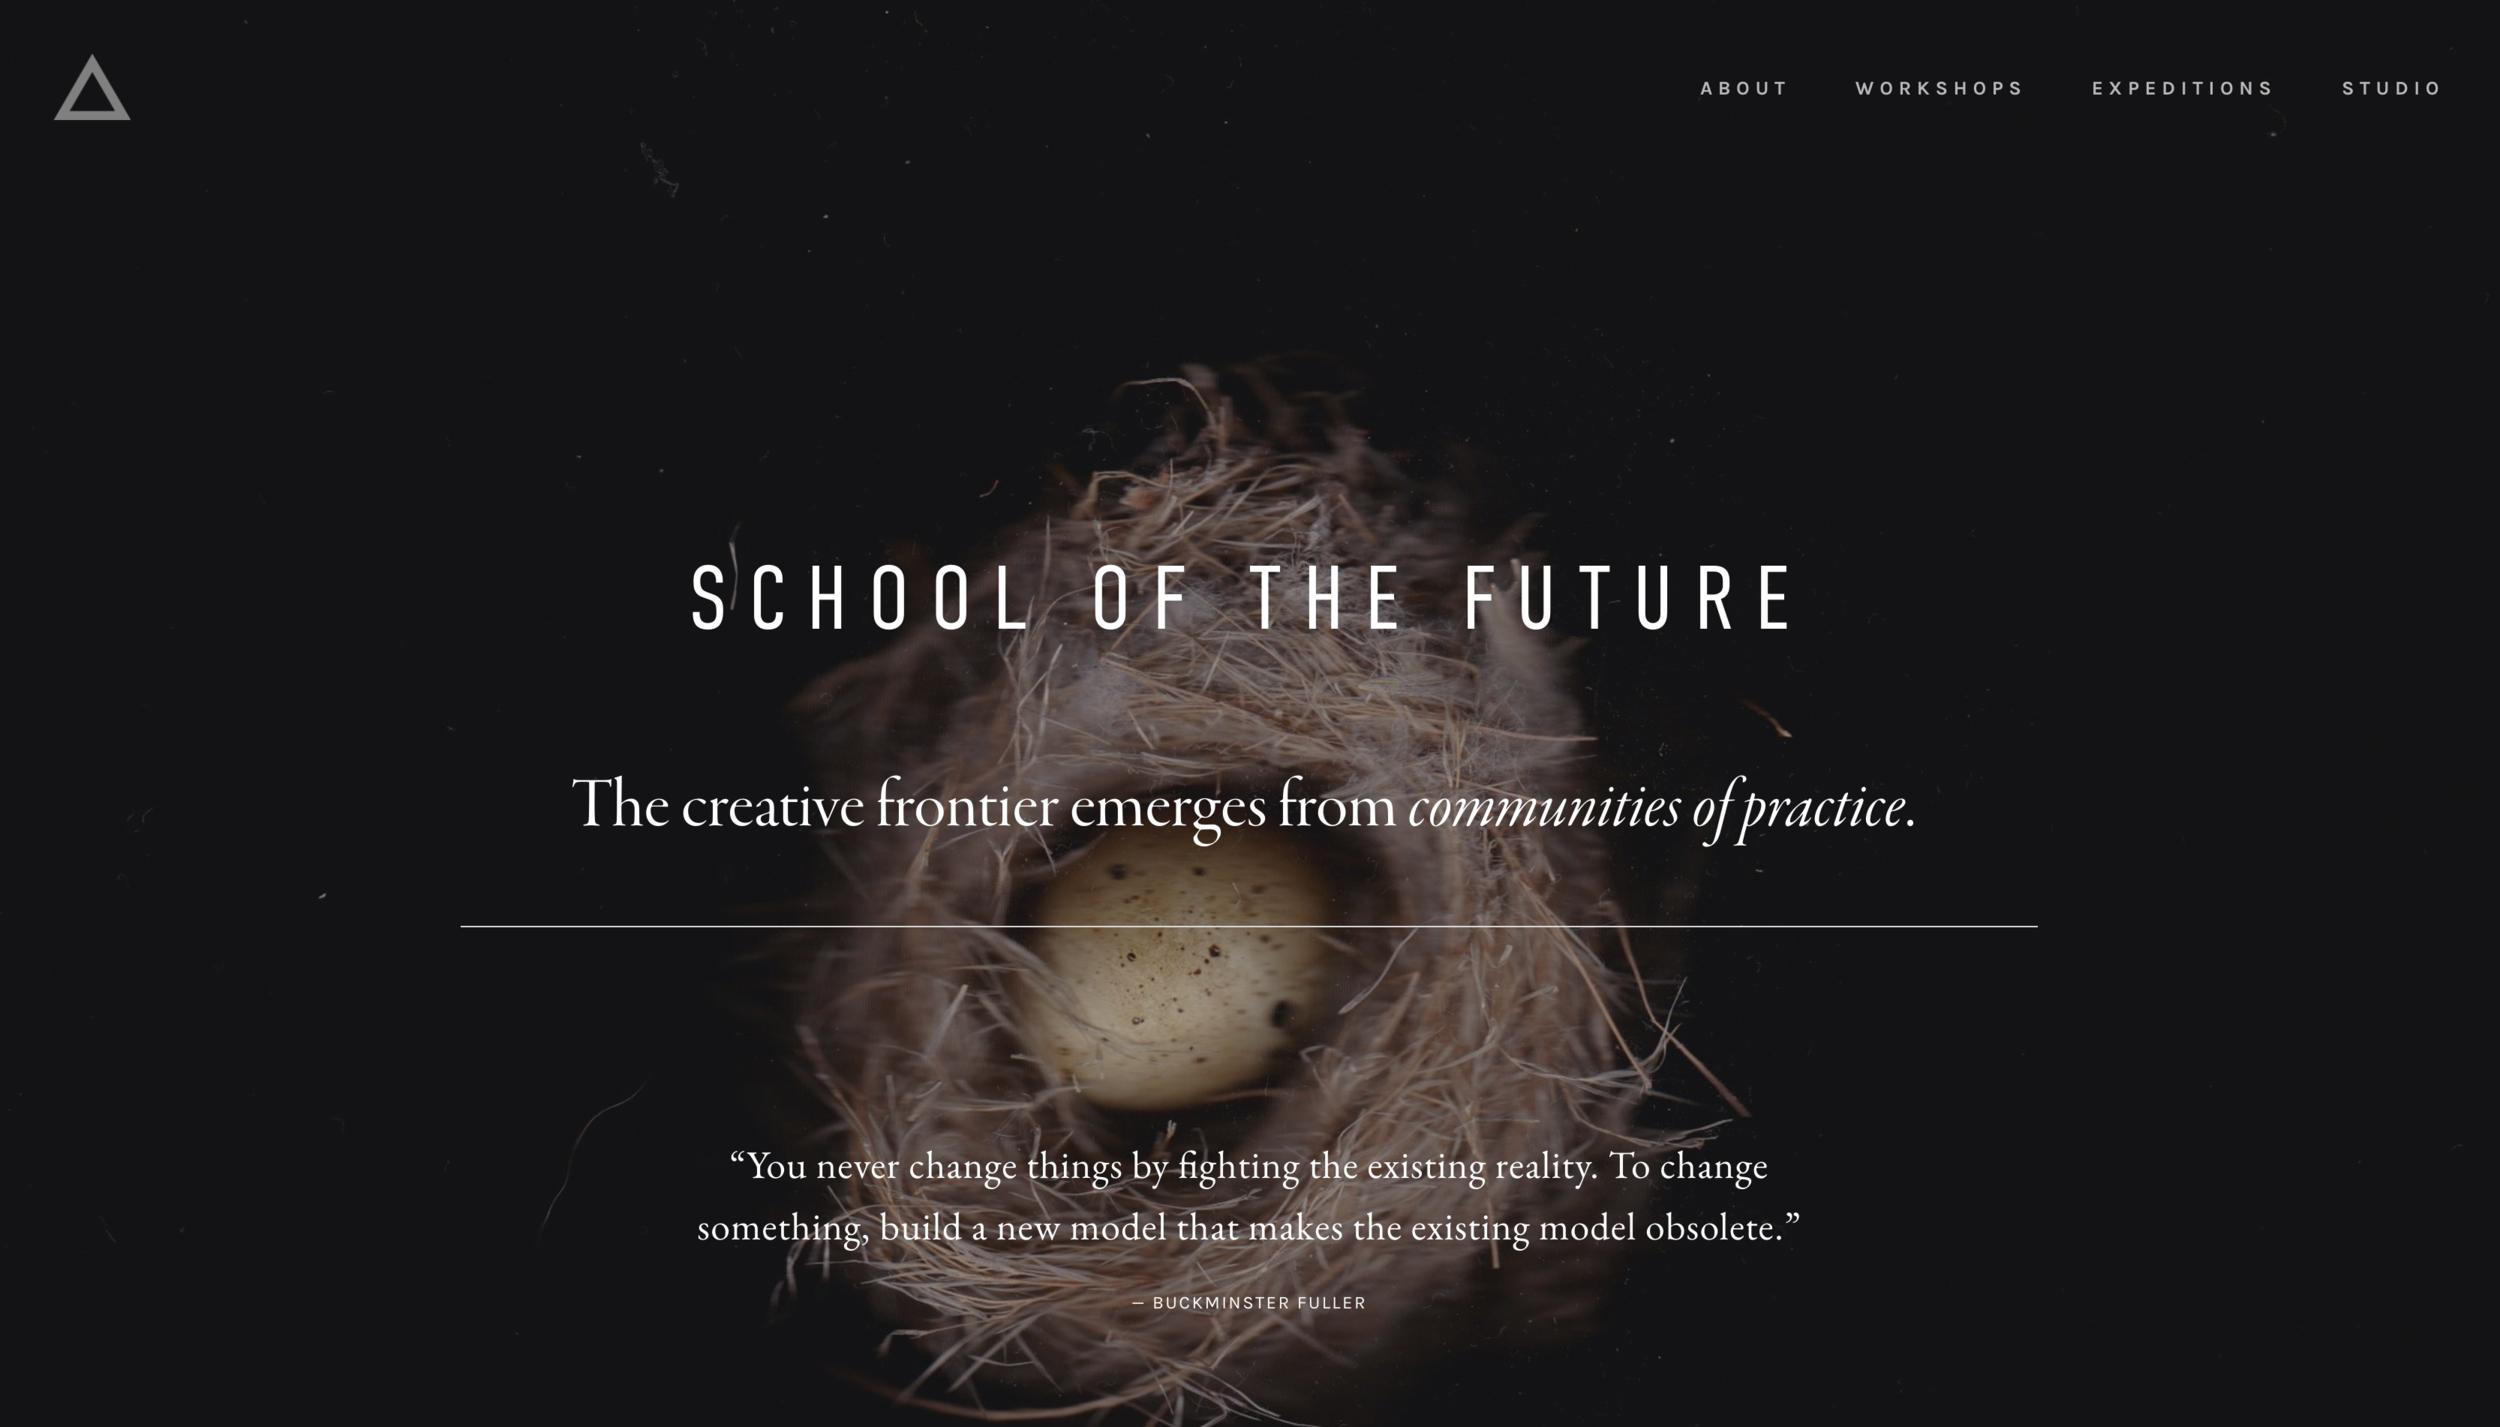 New Ritual Studio website / Workshops overview